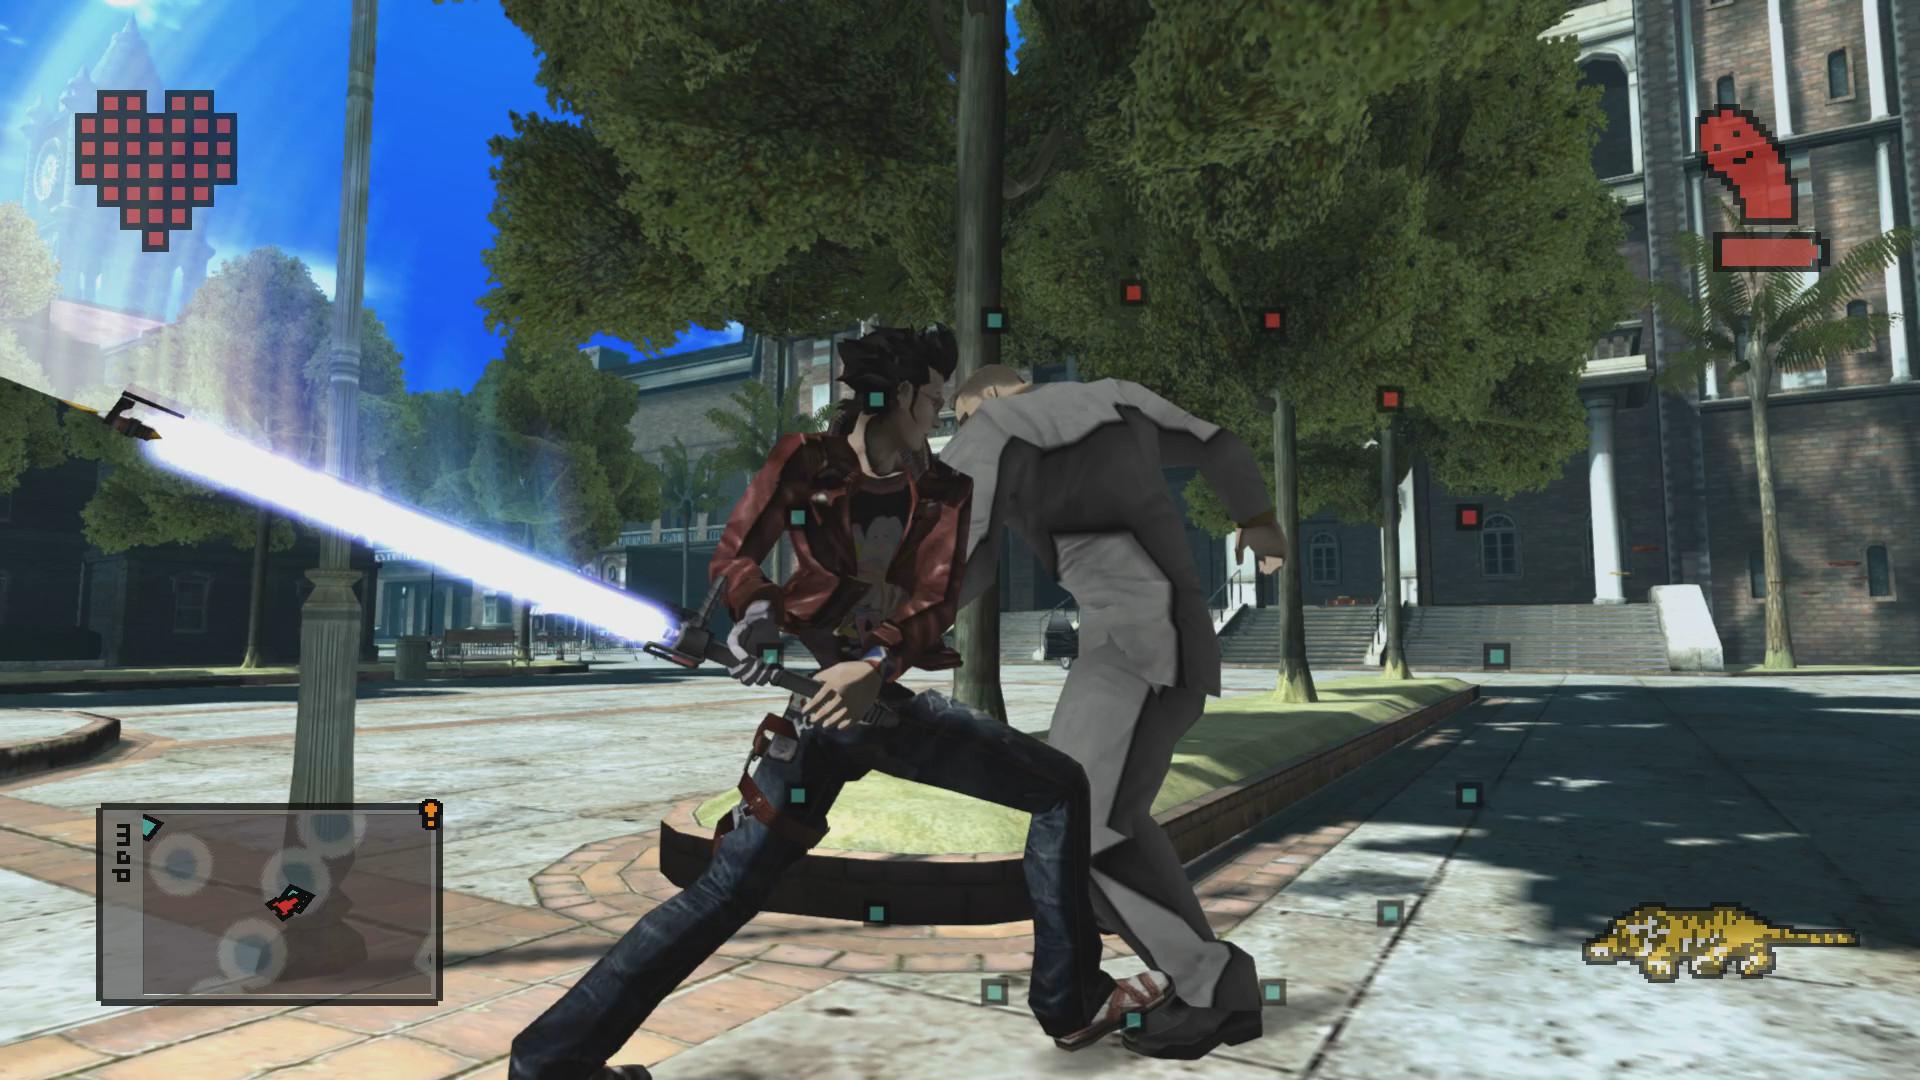 No More Heroes 1 & 2 HD remasters se lanzará en PC la semana que viene